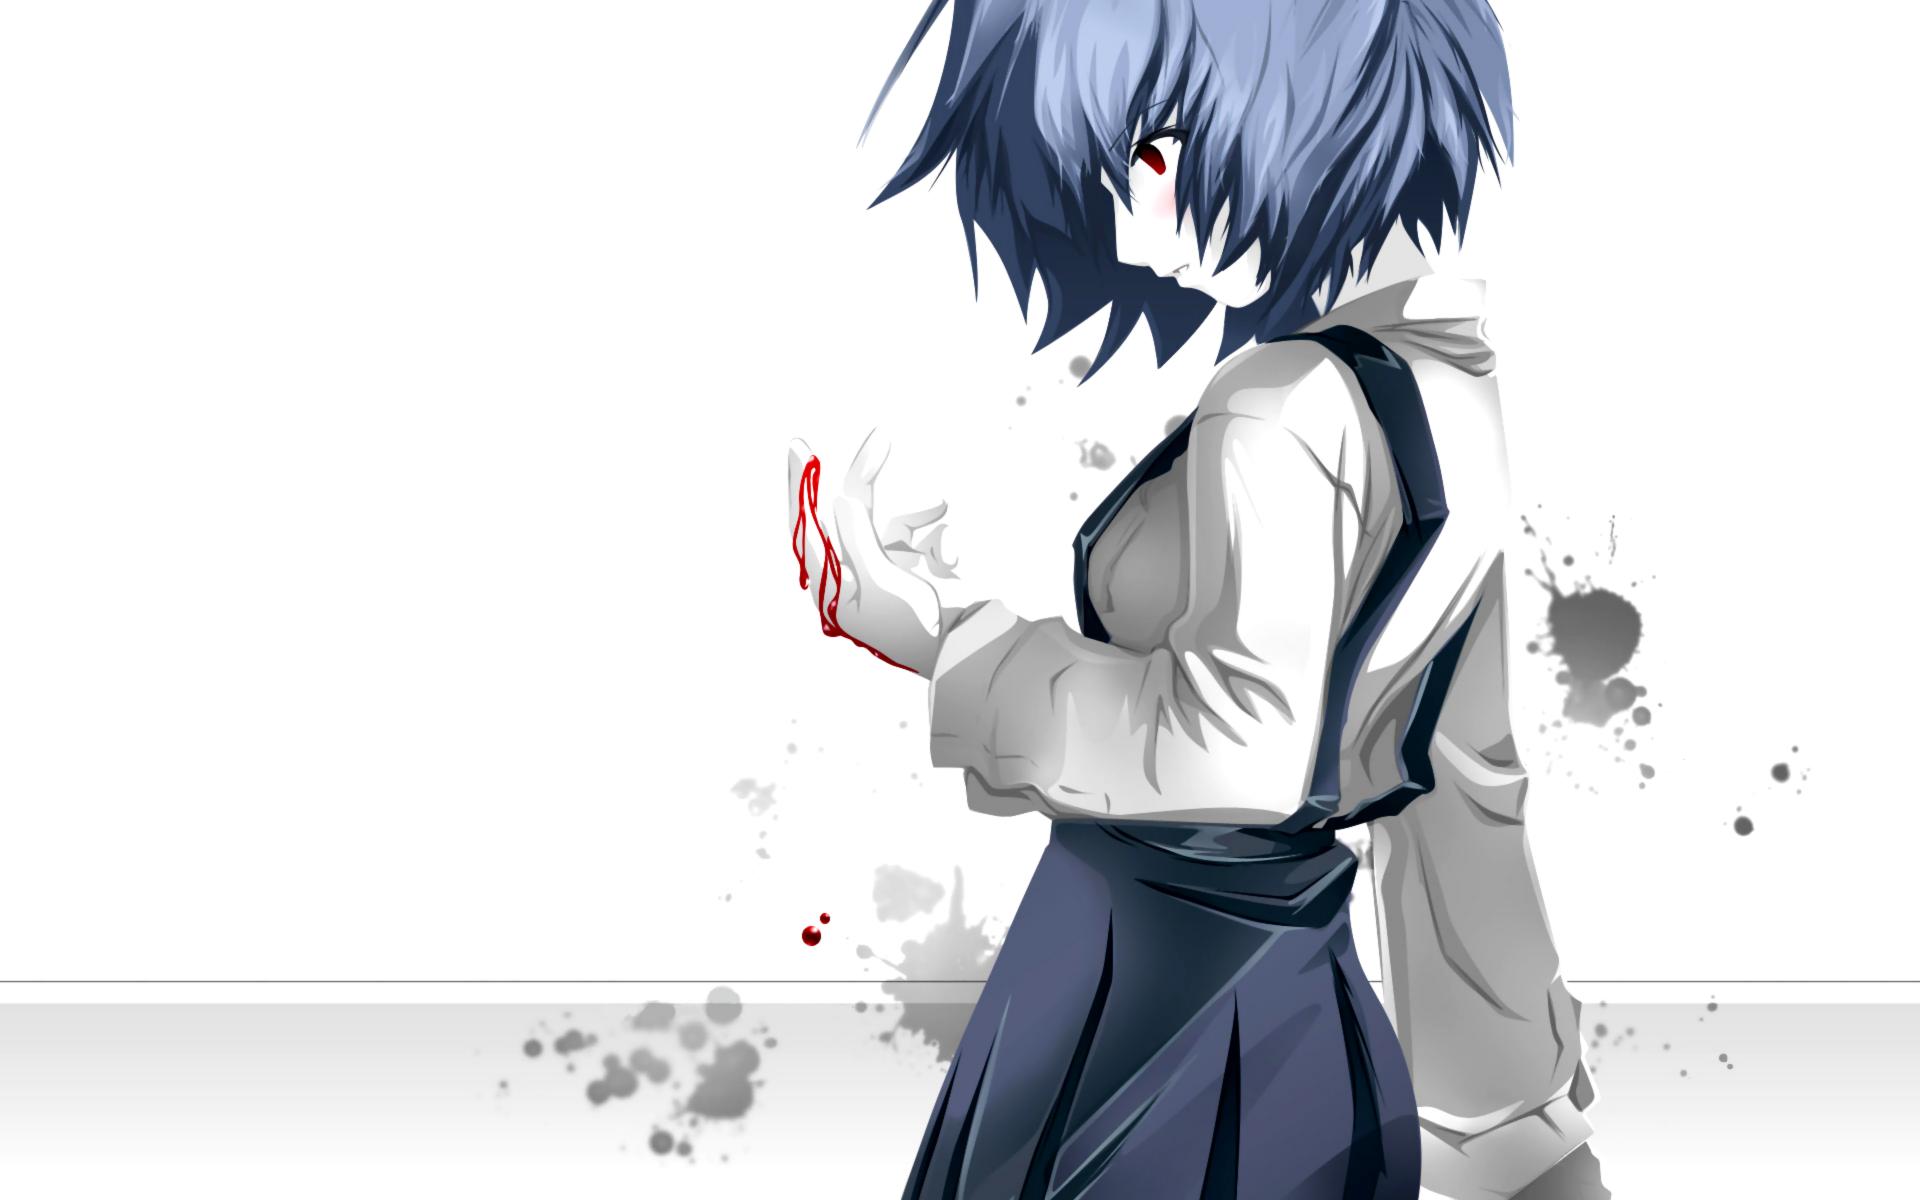 School Uniforms Ayanami Rei Neon Genesis Evangelion